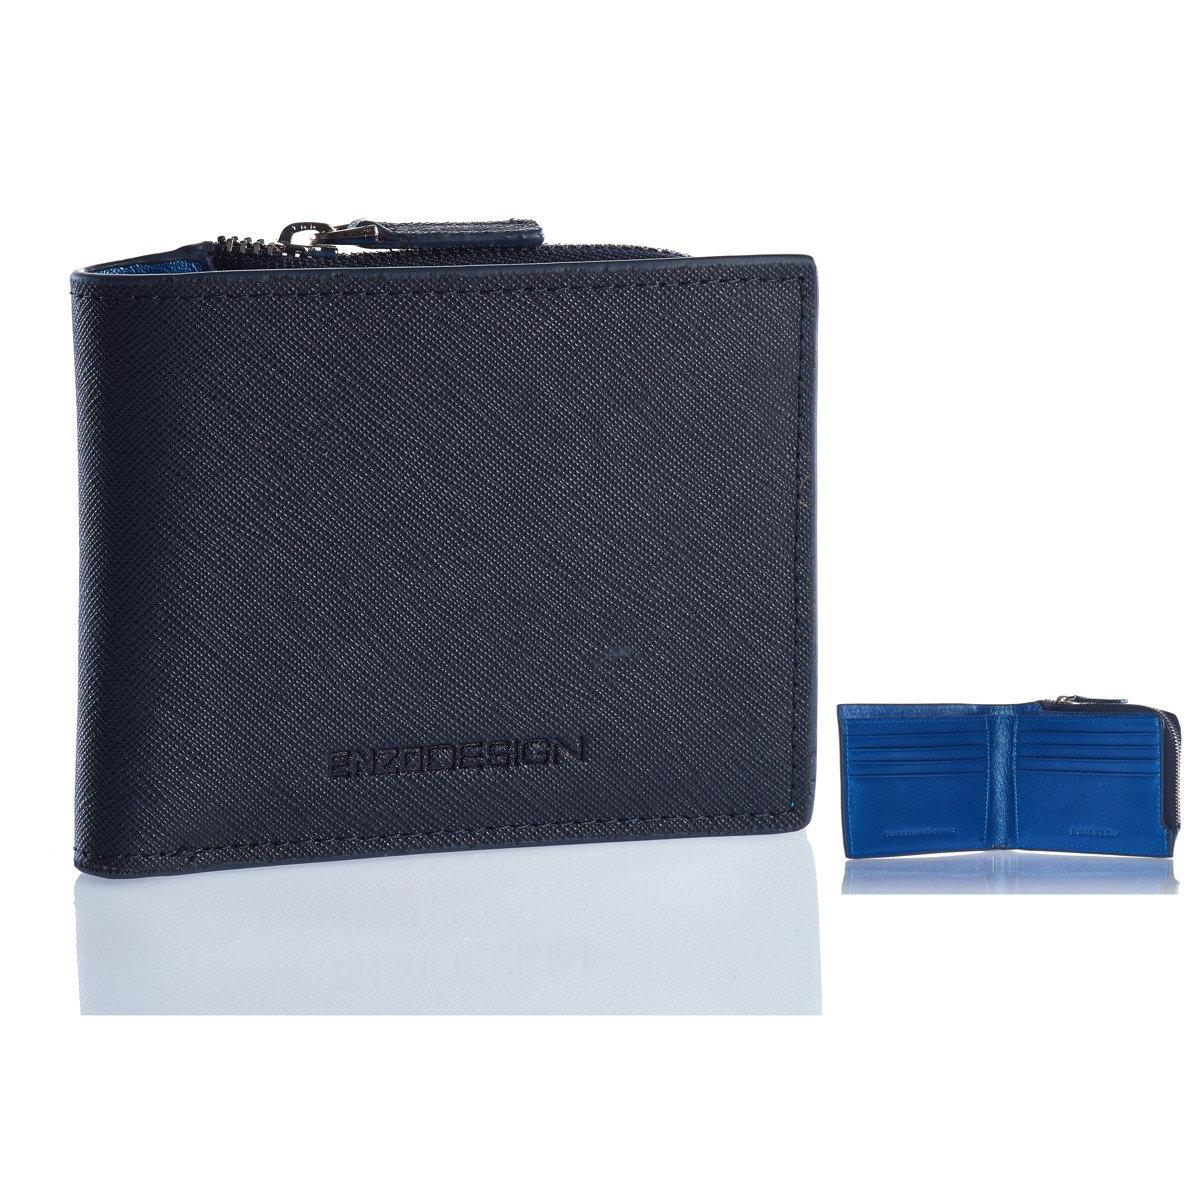 新設計Saffiano Leather/Soccer Boot Leather 銀包